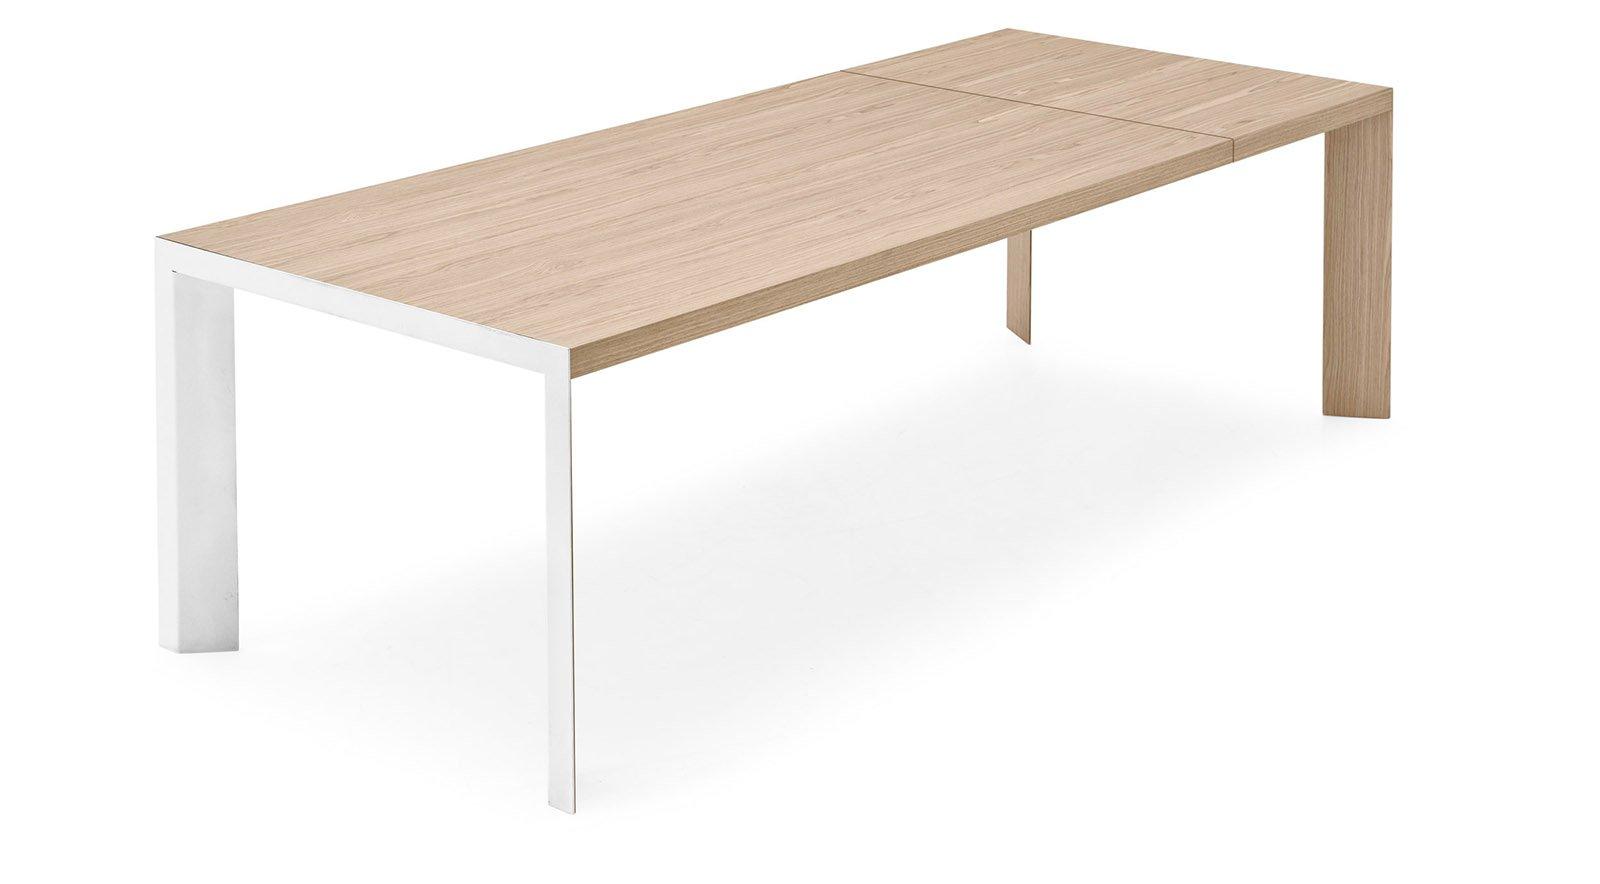 Tavolini Da Soggiorno Mercatone Uno.Tavoli Allungabili Trasformabili Quando Serve Cose Di Casa